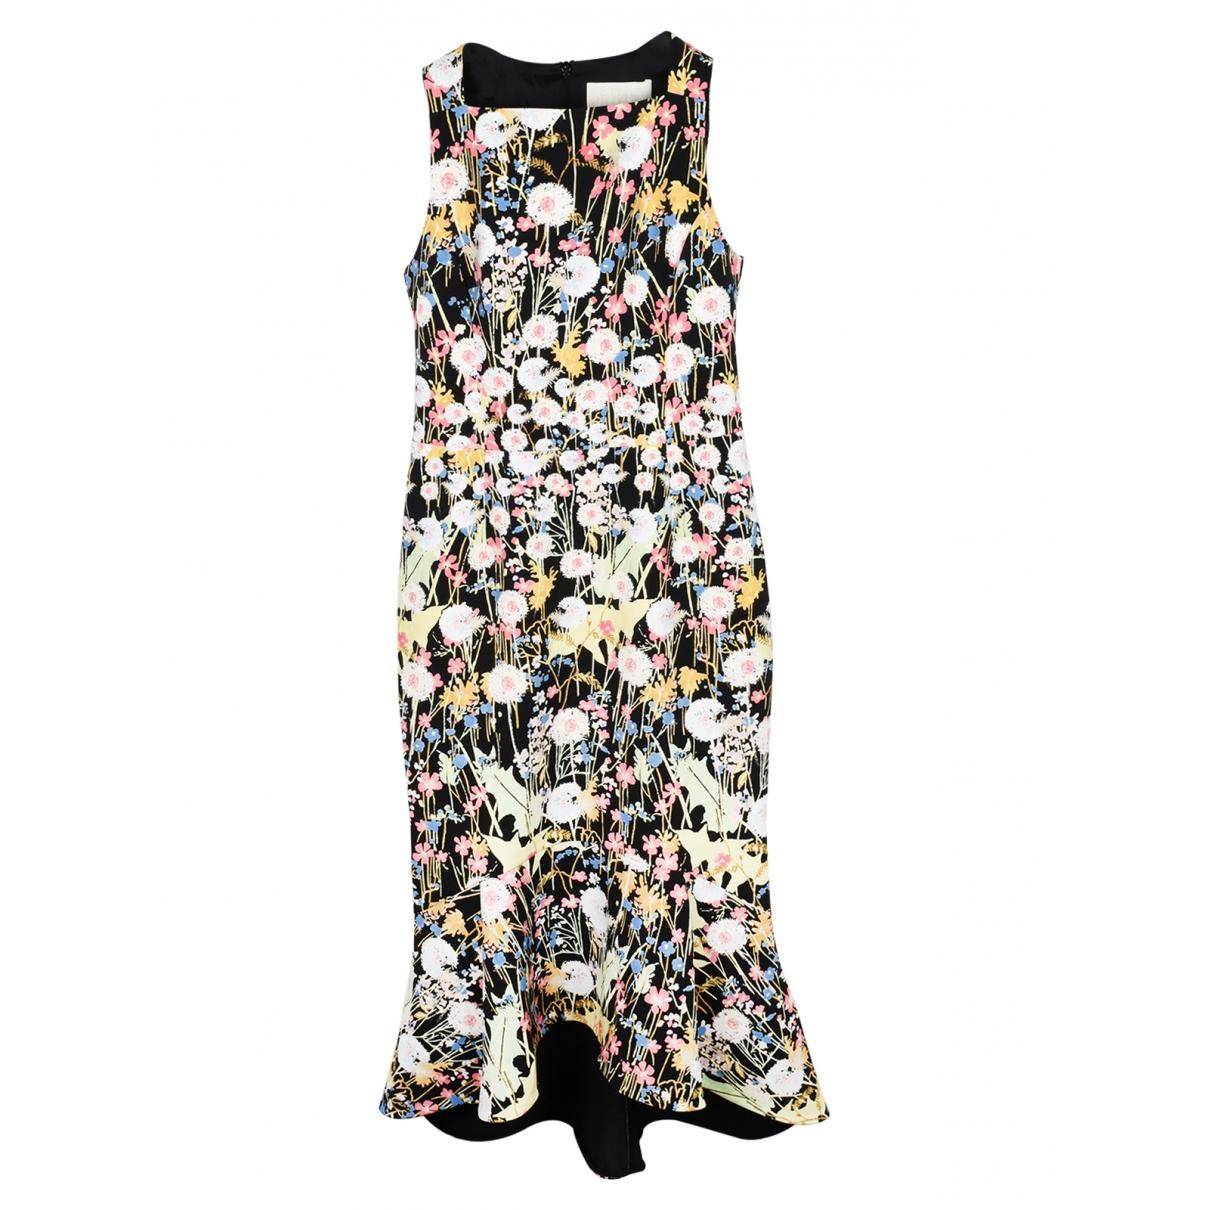 Peter Pilotto \N Kleid in  Schwarz Polyester